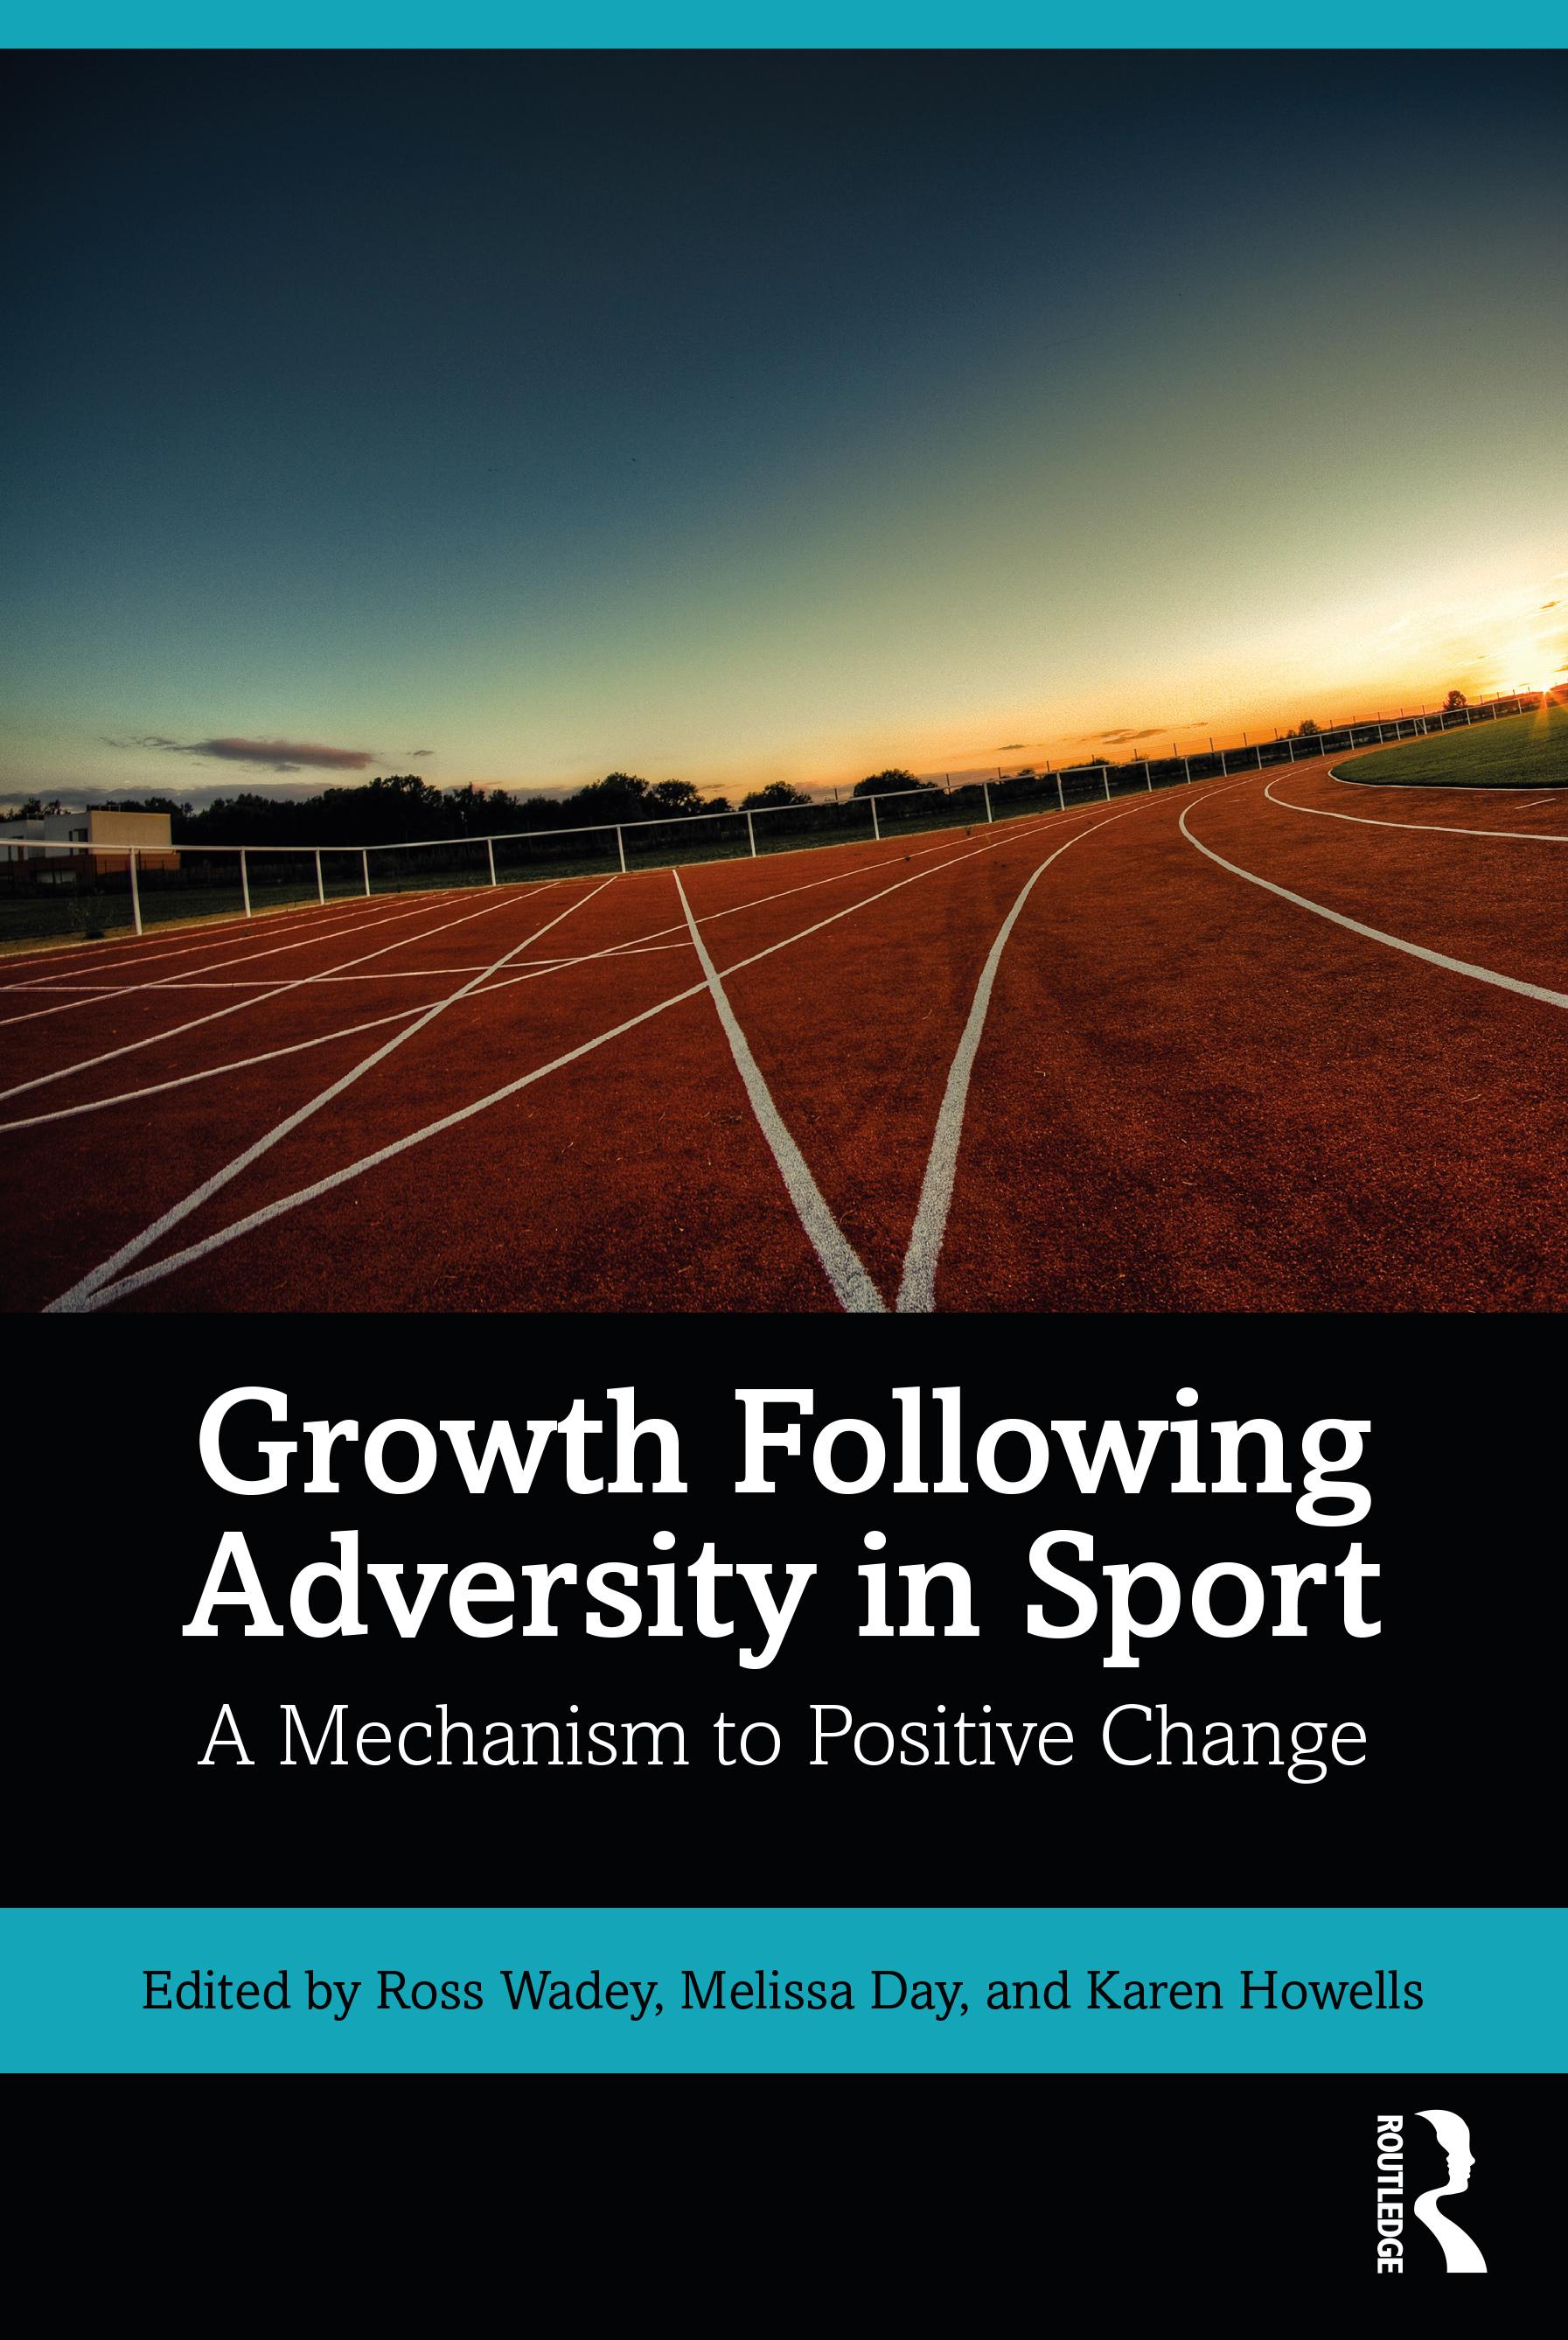 Growth Following Adversity in Sport